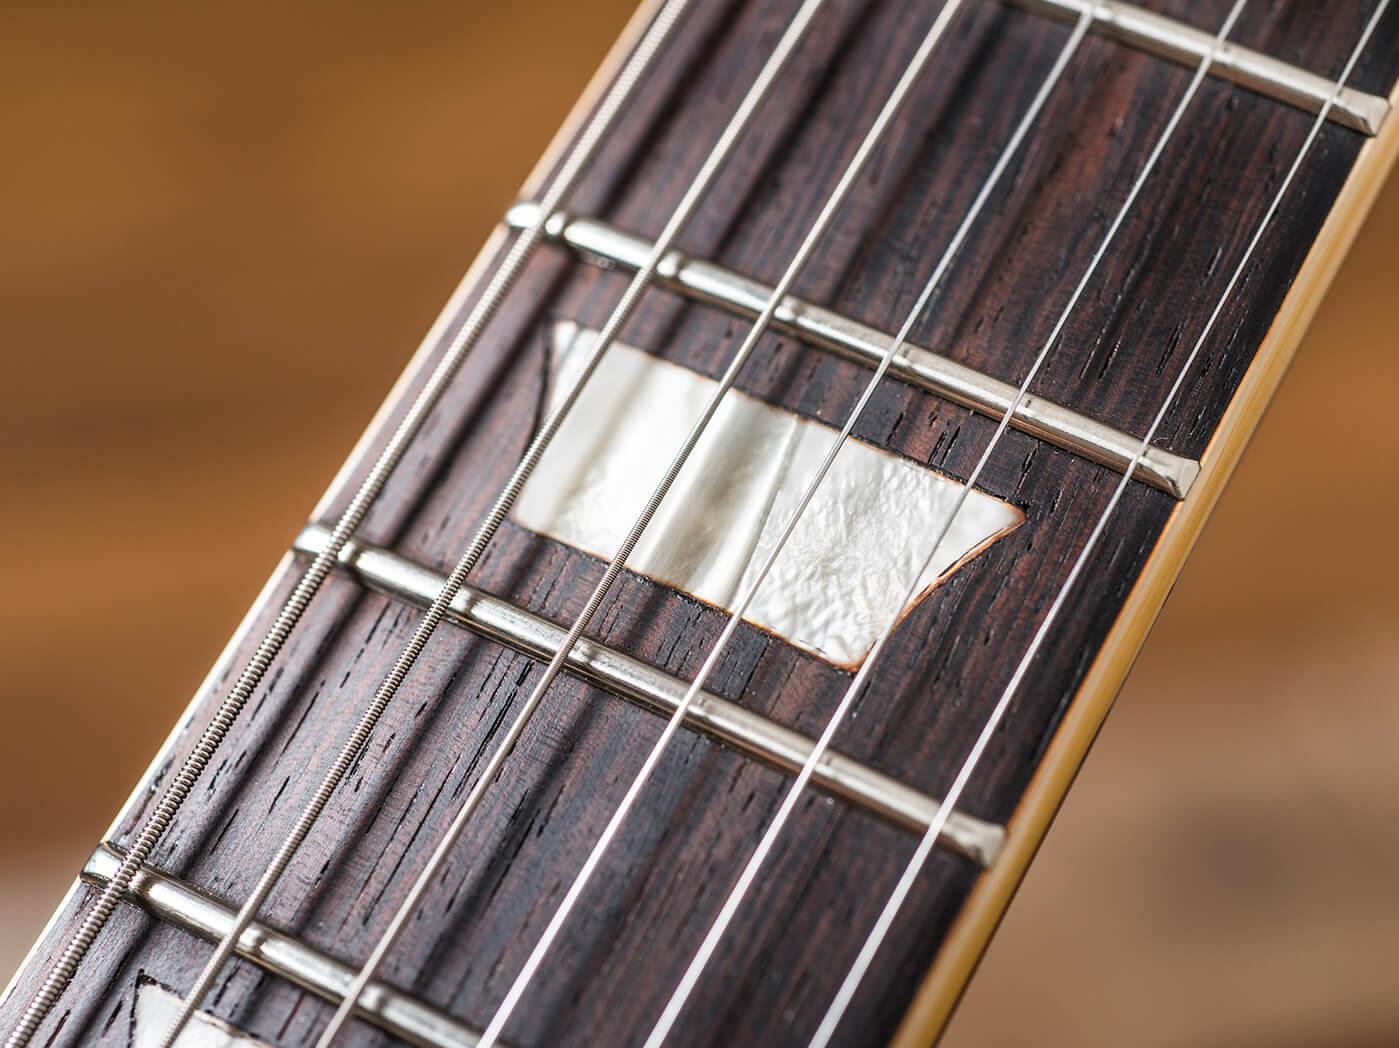 Gary Richrath 1959 Gibson Les Paul fingerboard